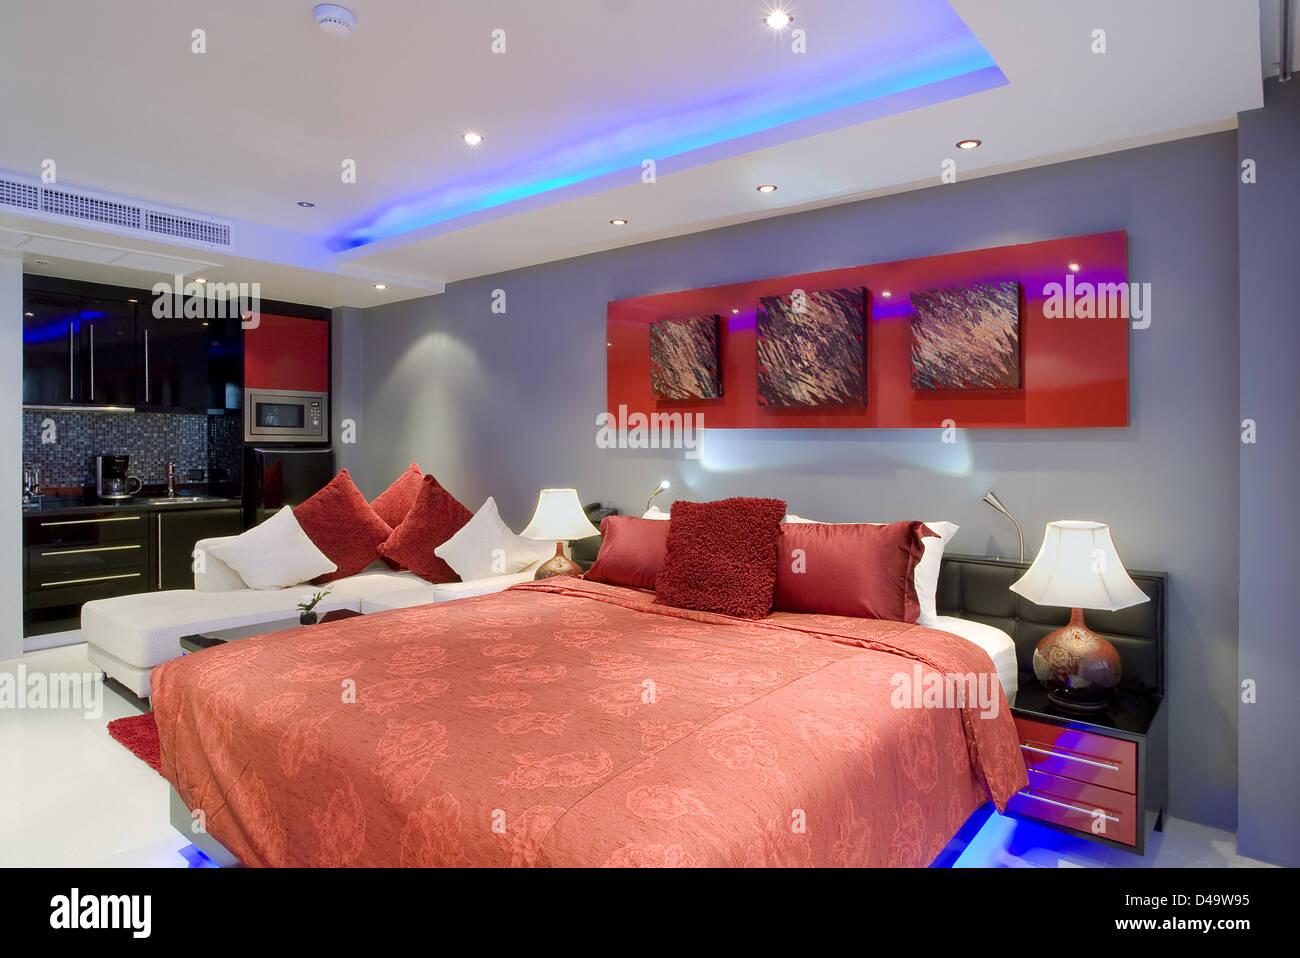 Vista panorámica de Niza dormitorio de estilo moderno. Las imágenes en la pared fueron cambiados. Imagen De Stock